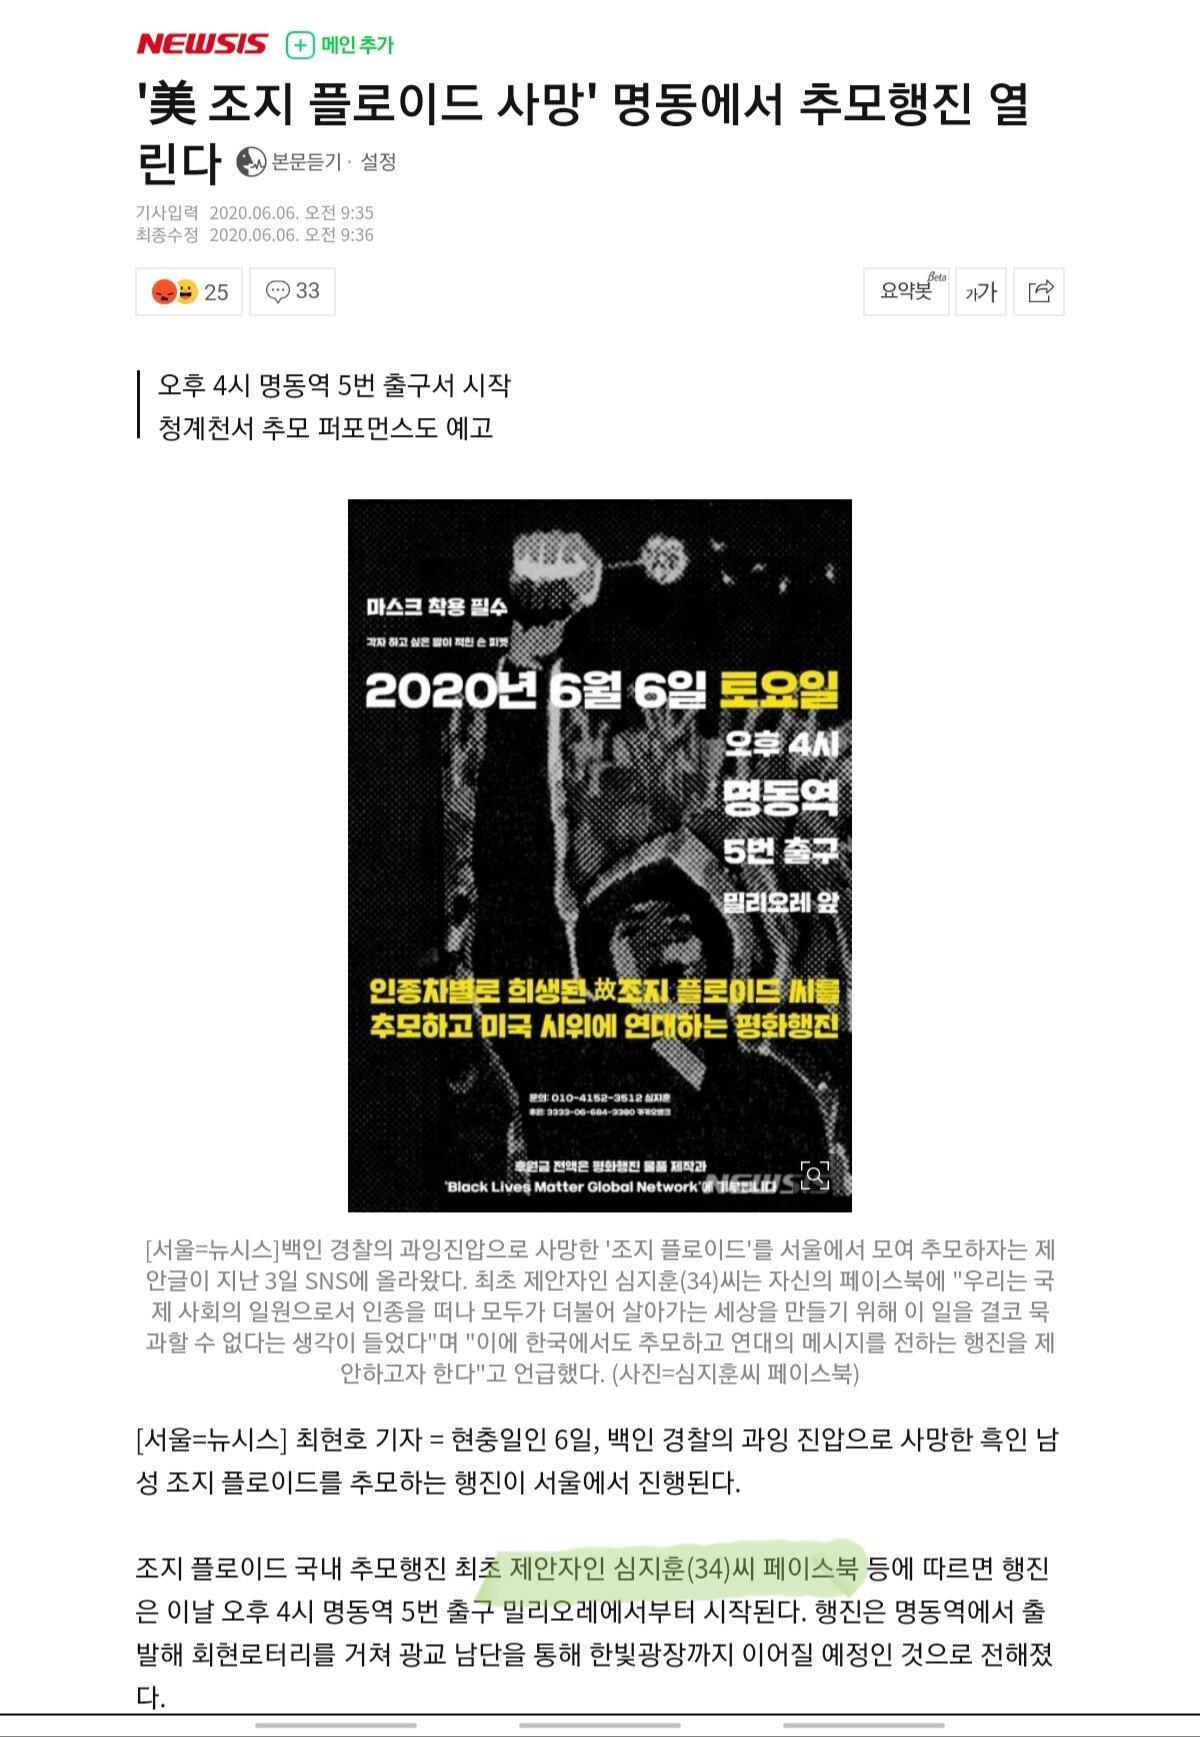 20200606_182712.jpg 오늘 열리는 한국 blm시위 주최자에 대하여 알아보자